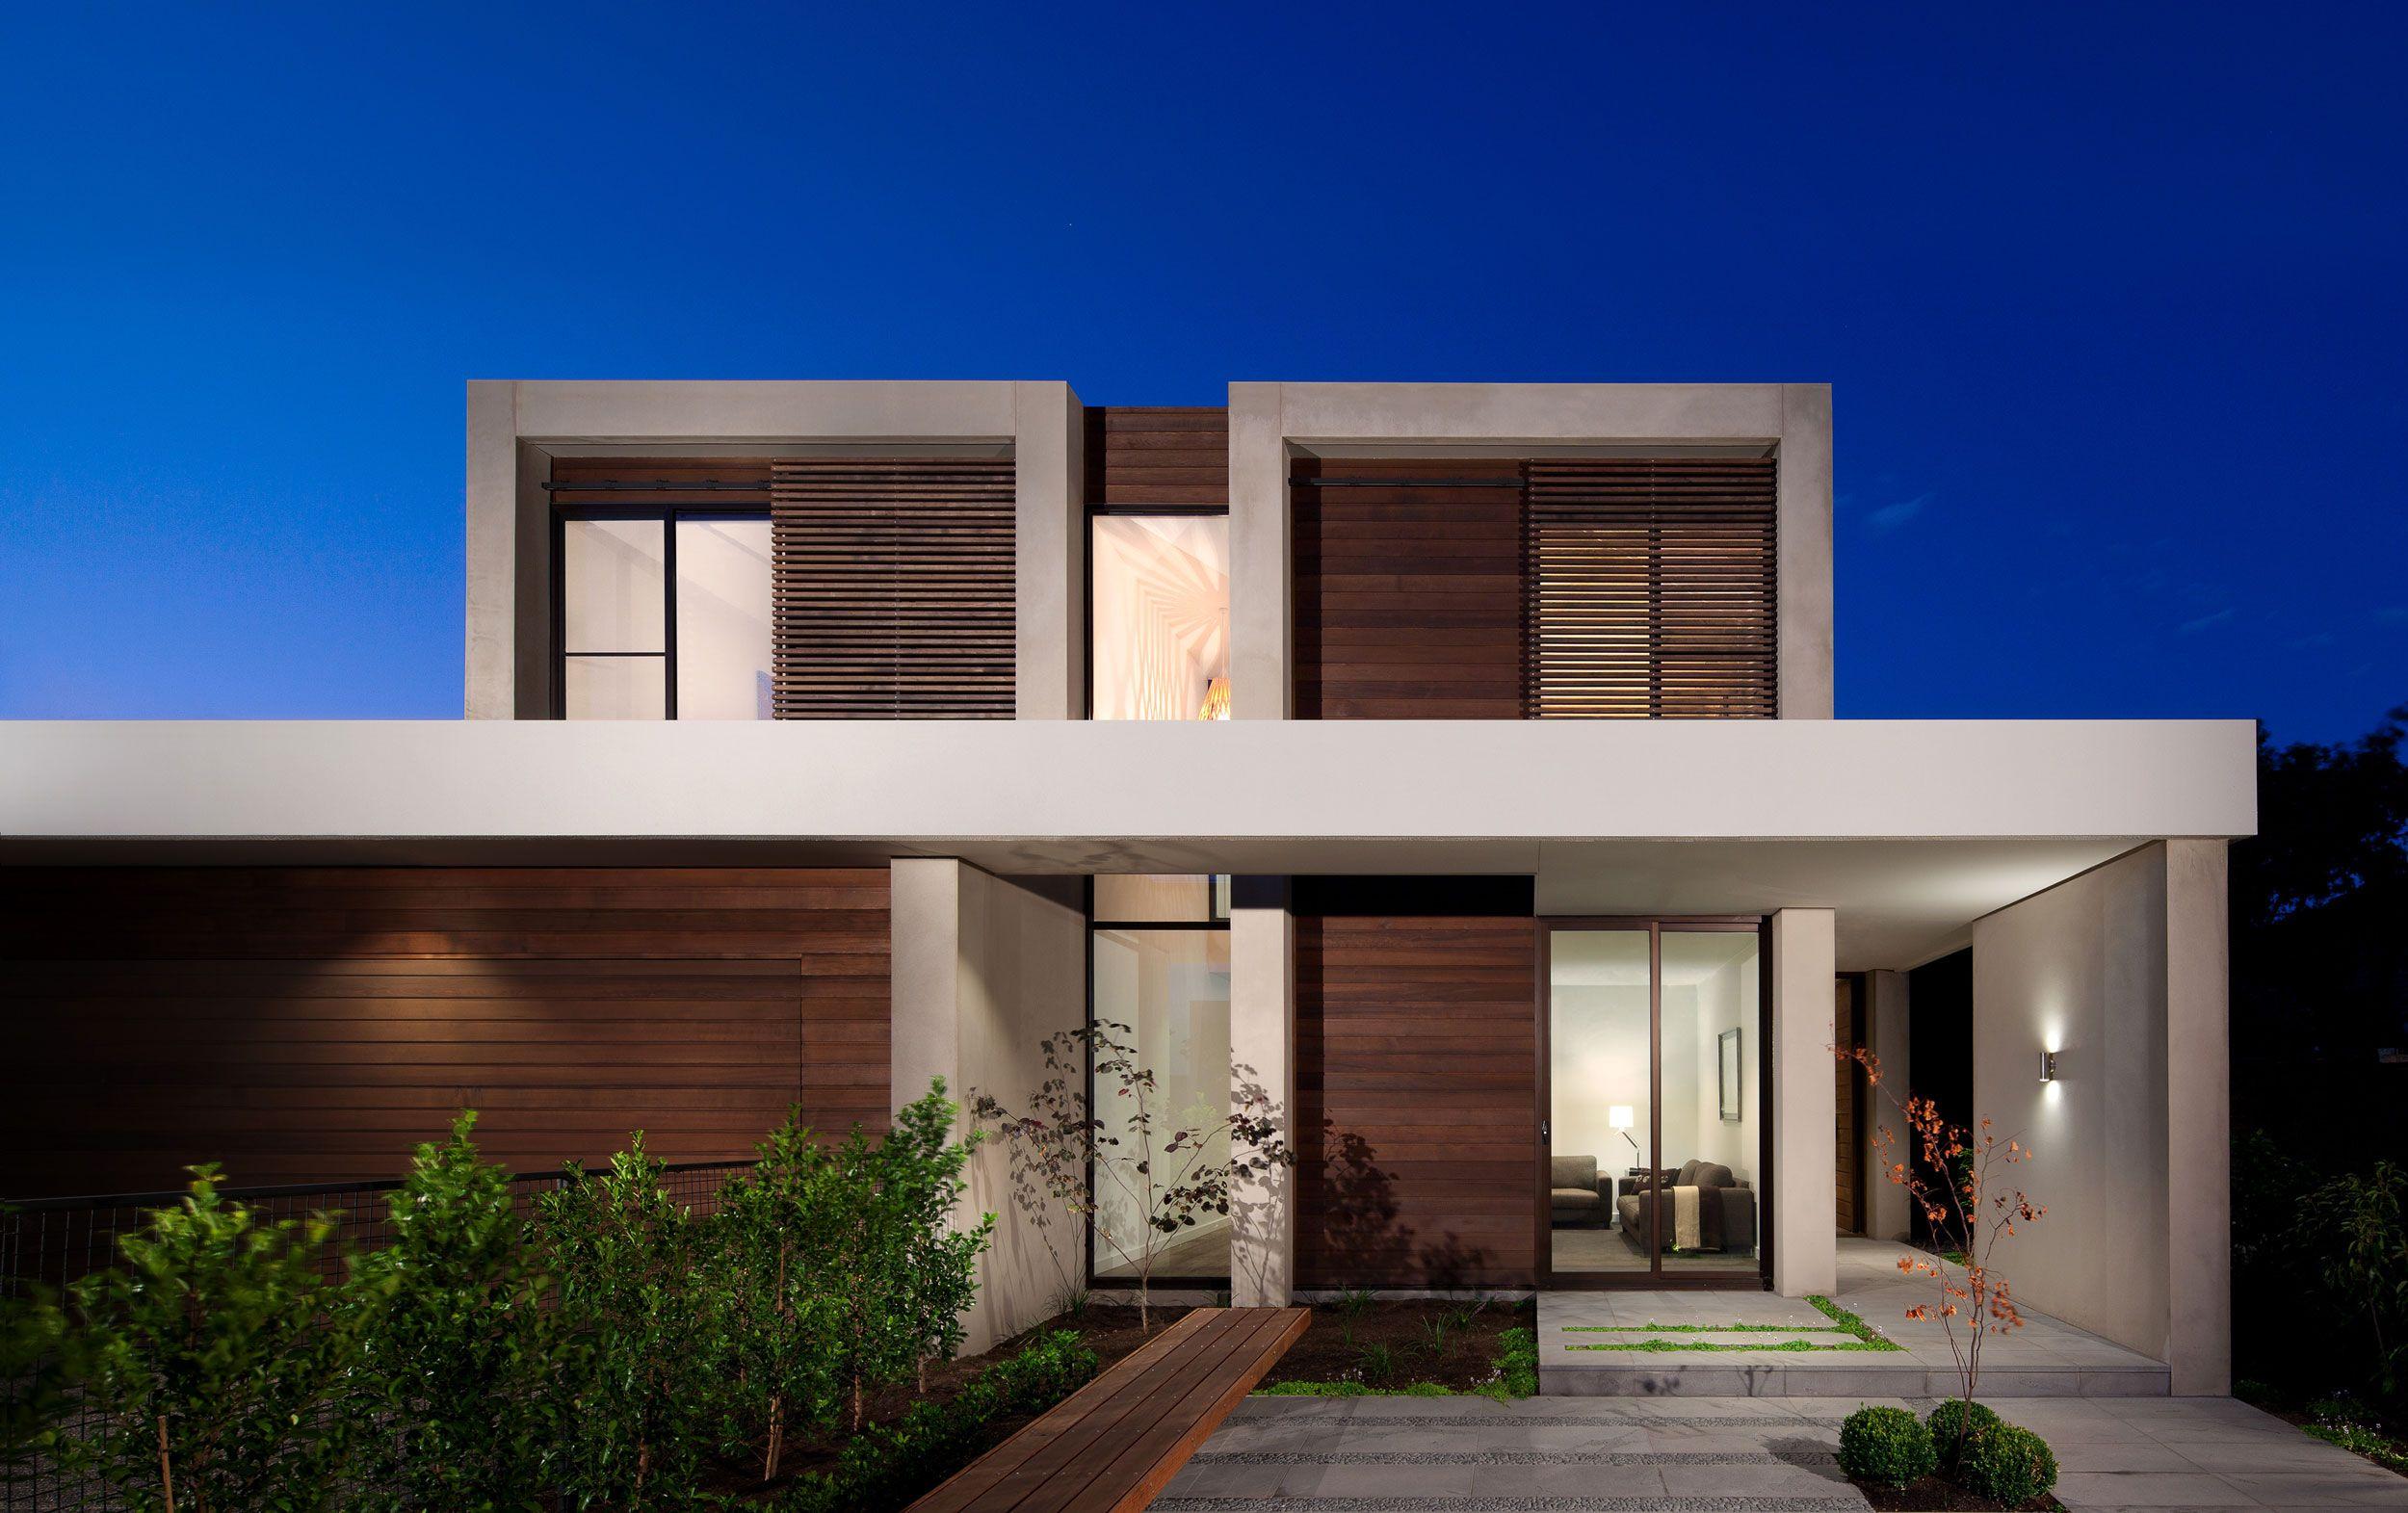 Haus innenarchitektur exterieur design haus design moderne außen moderne häuser brighton haus ideen zeitgenössischen häuser wohn architektur